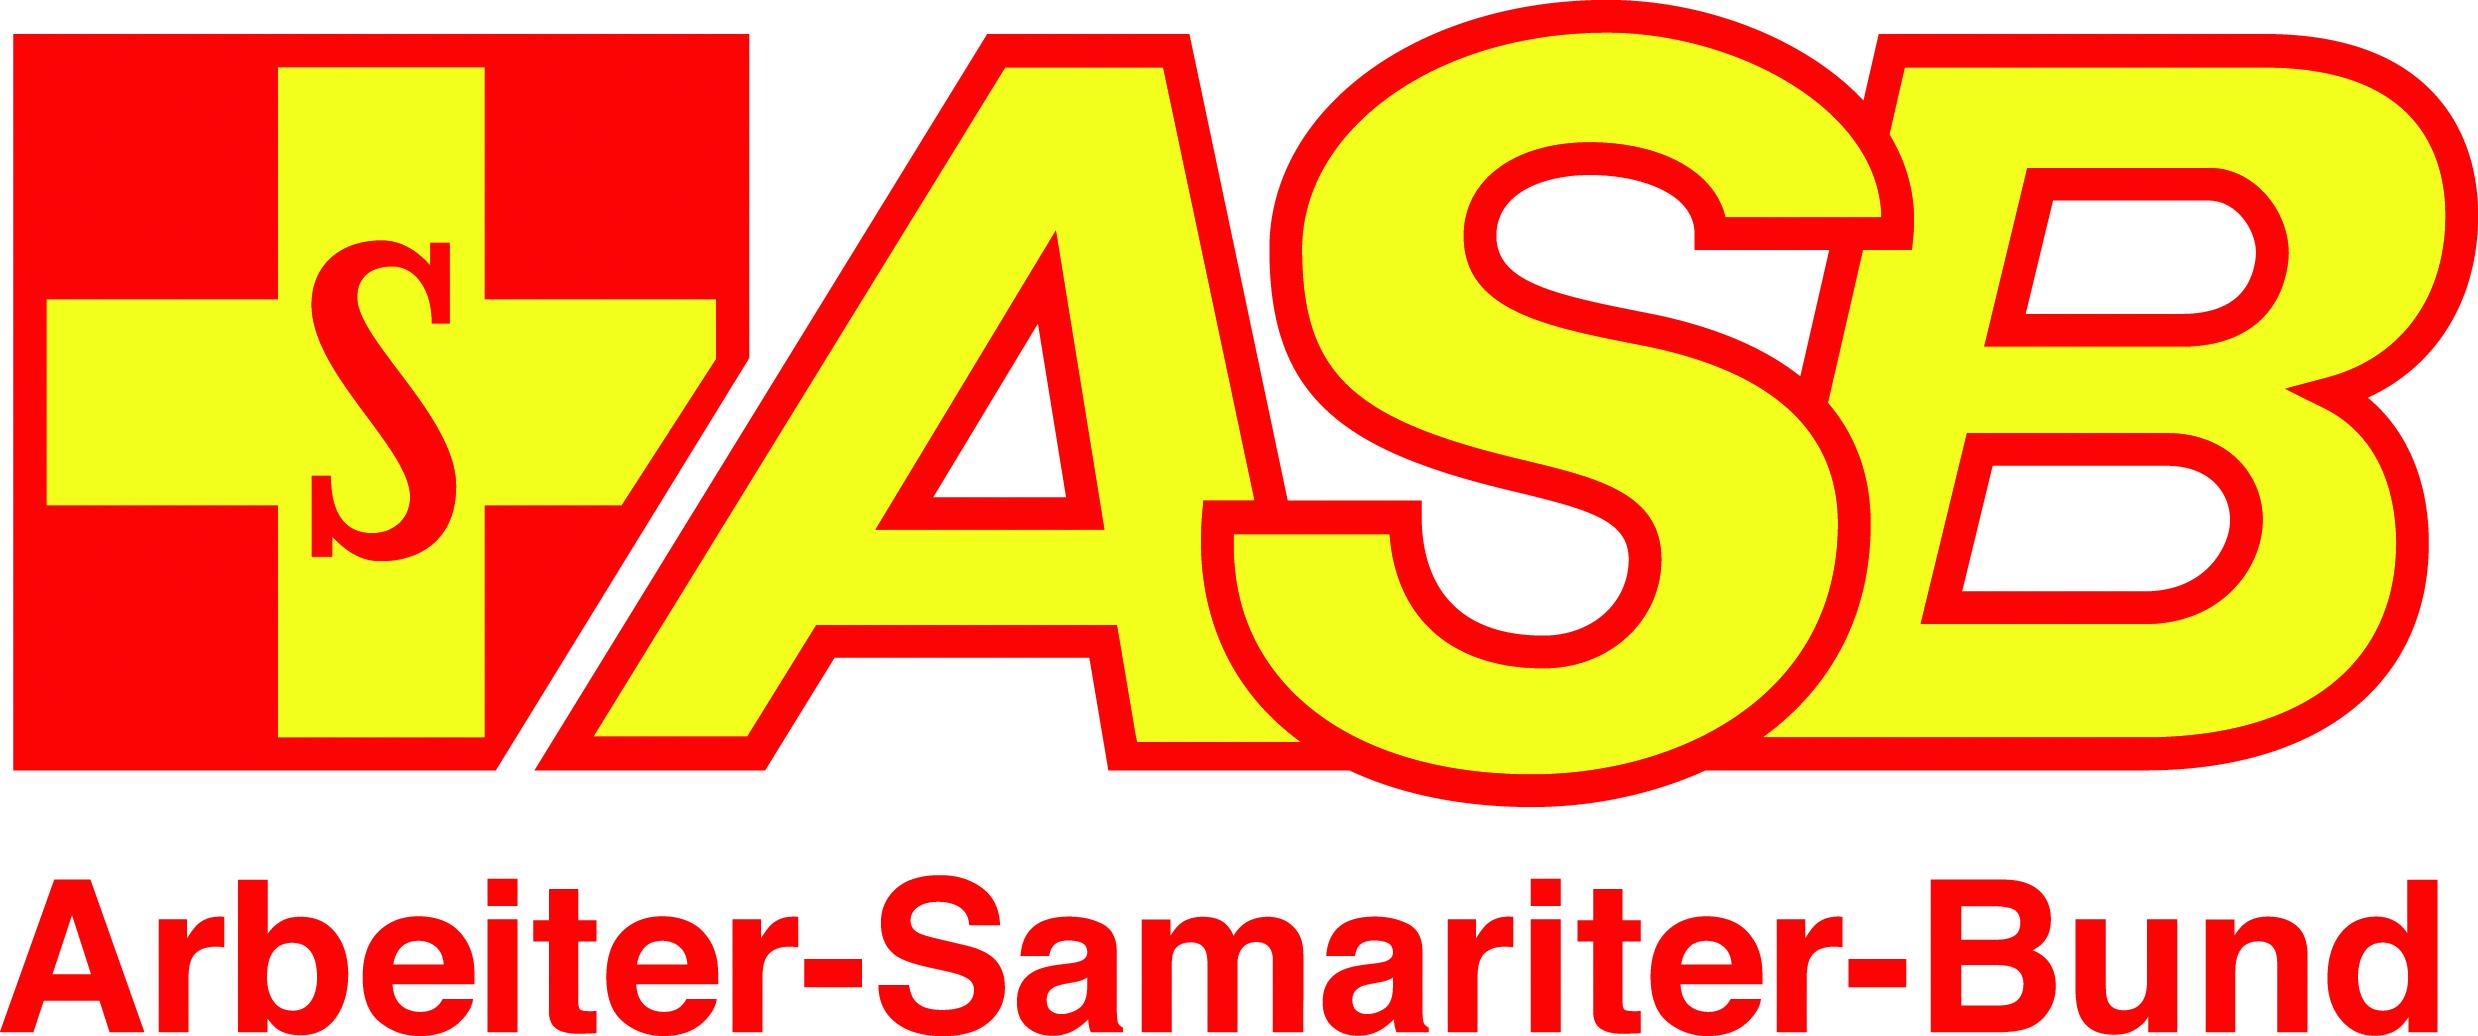 Arbeiter-Samariter-Bund Dresden & Kamenz gGmbH